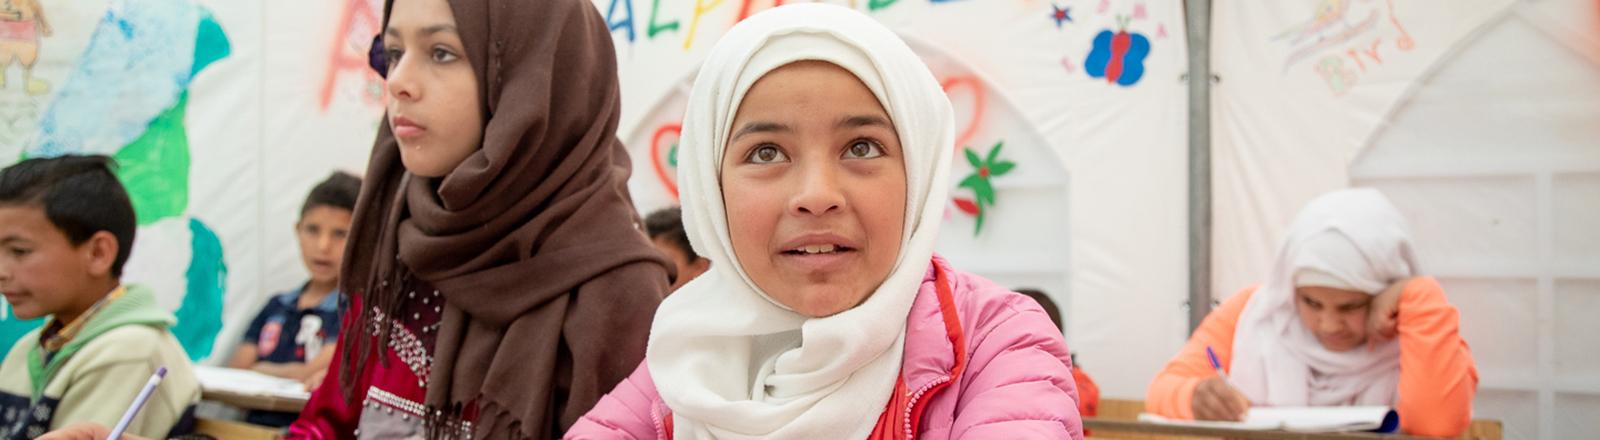 Kinder in einer der Zeltschulen des Vereins im Libanon